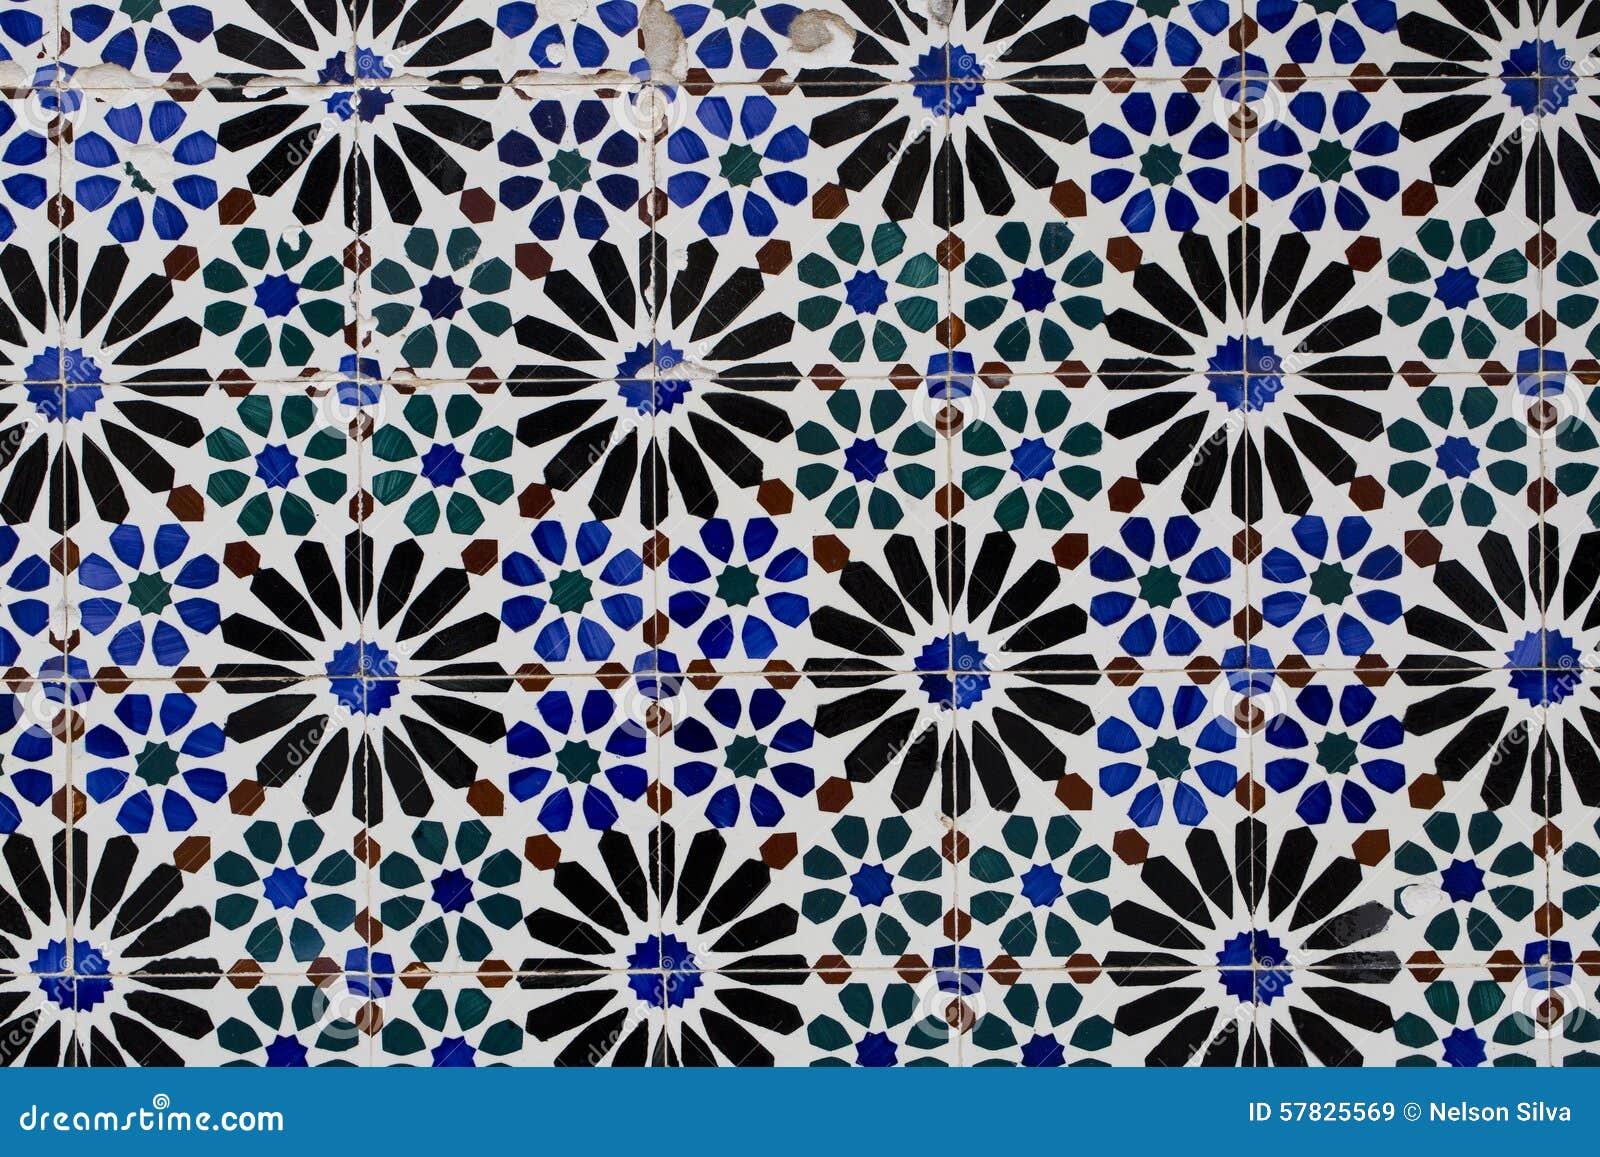 Keramische Portugese Tegels : Uitstekende keramische tegel stock afbeelding afbeelding bestaande